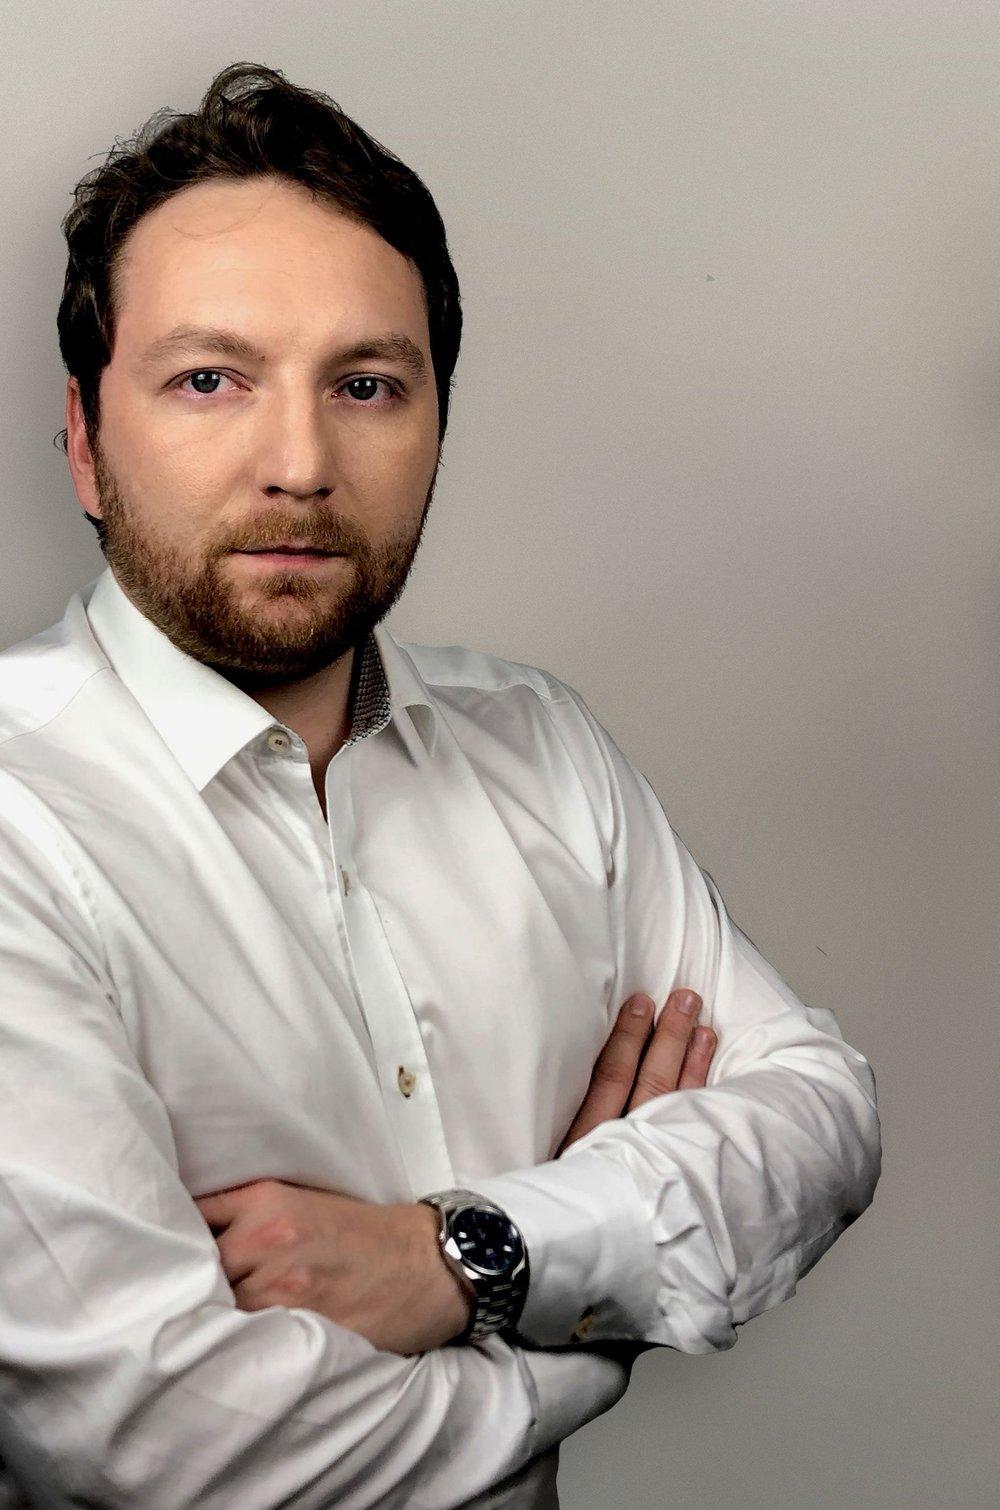 Reputacji rynku nie da się zbudować tylko działaniami PR. - Łukasz Piechowiak, Dyrektor Działu Analiz w PZIP